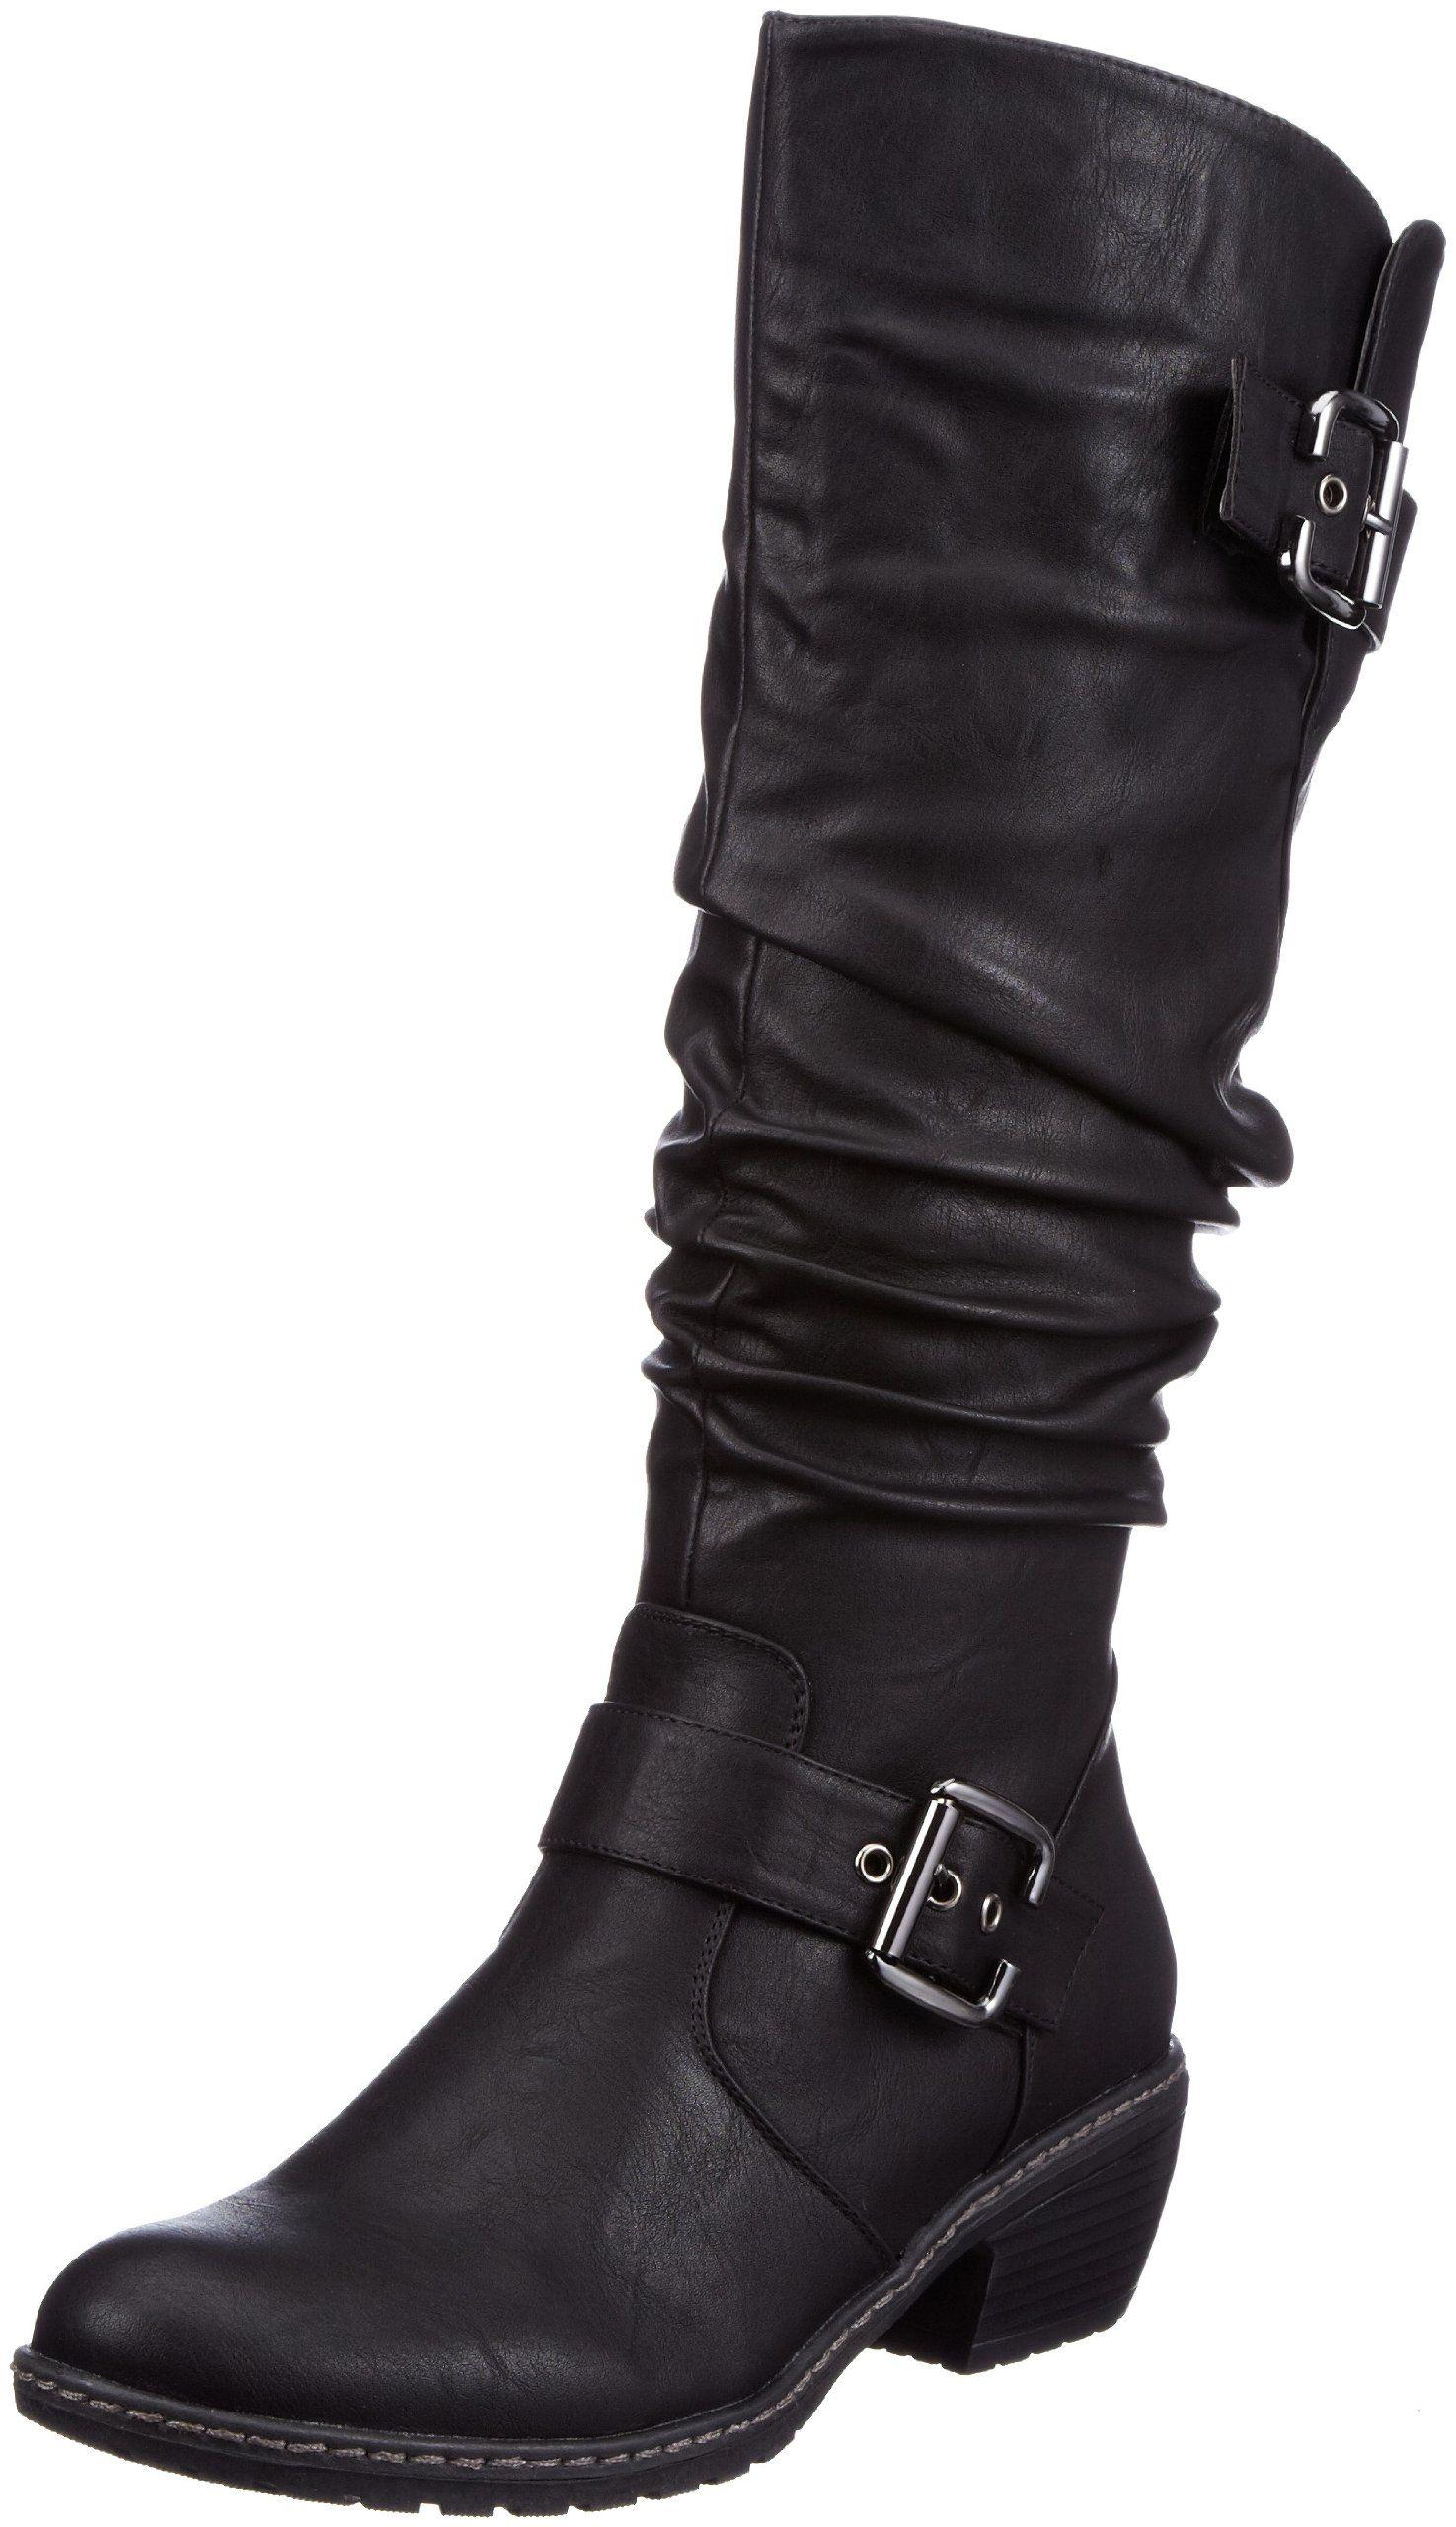 : Rieker Women's Black Buckle Detail Mid Calf Boot